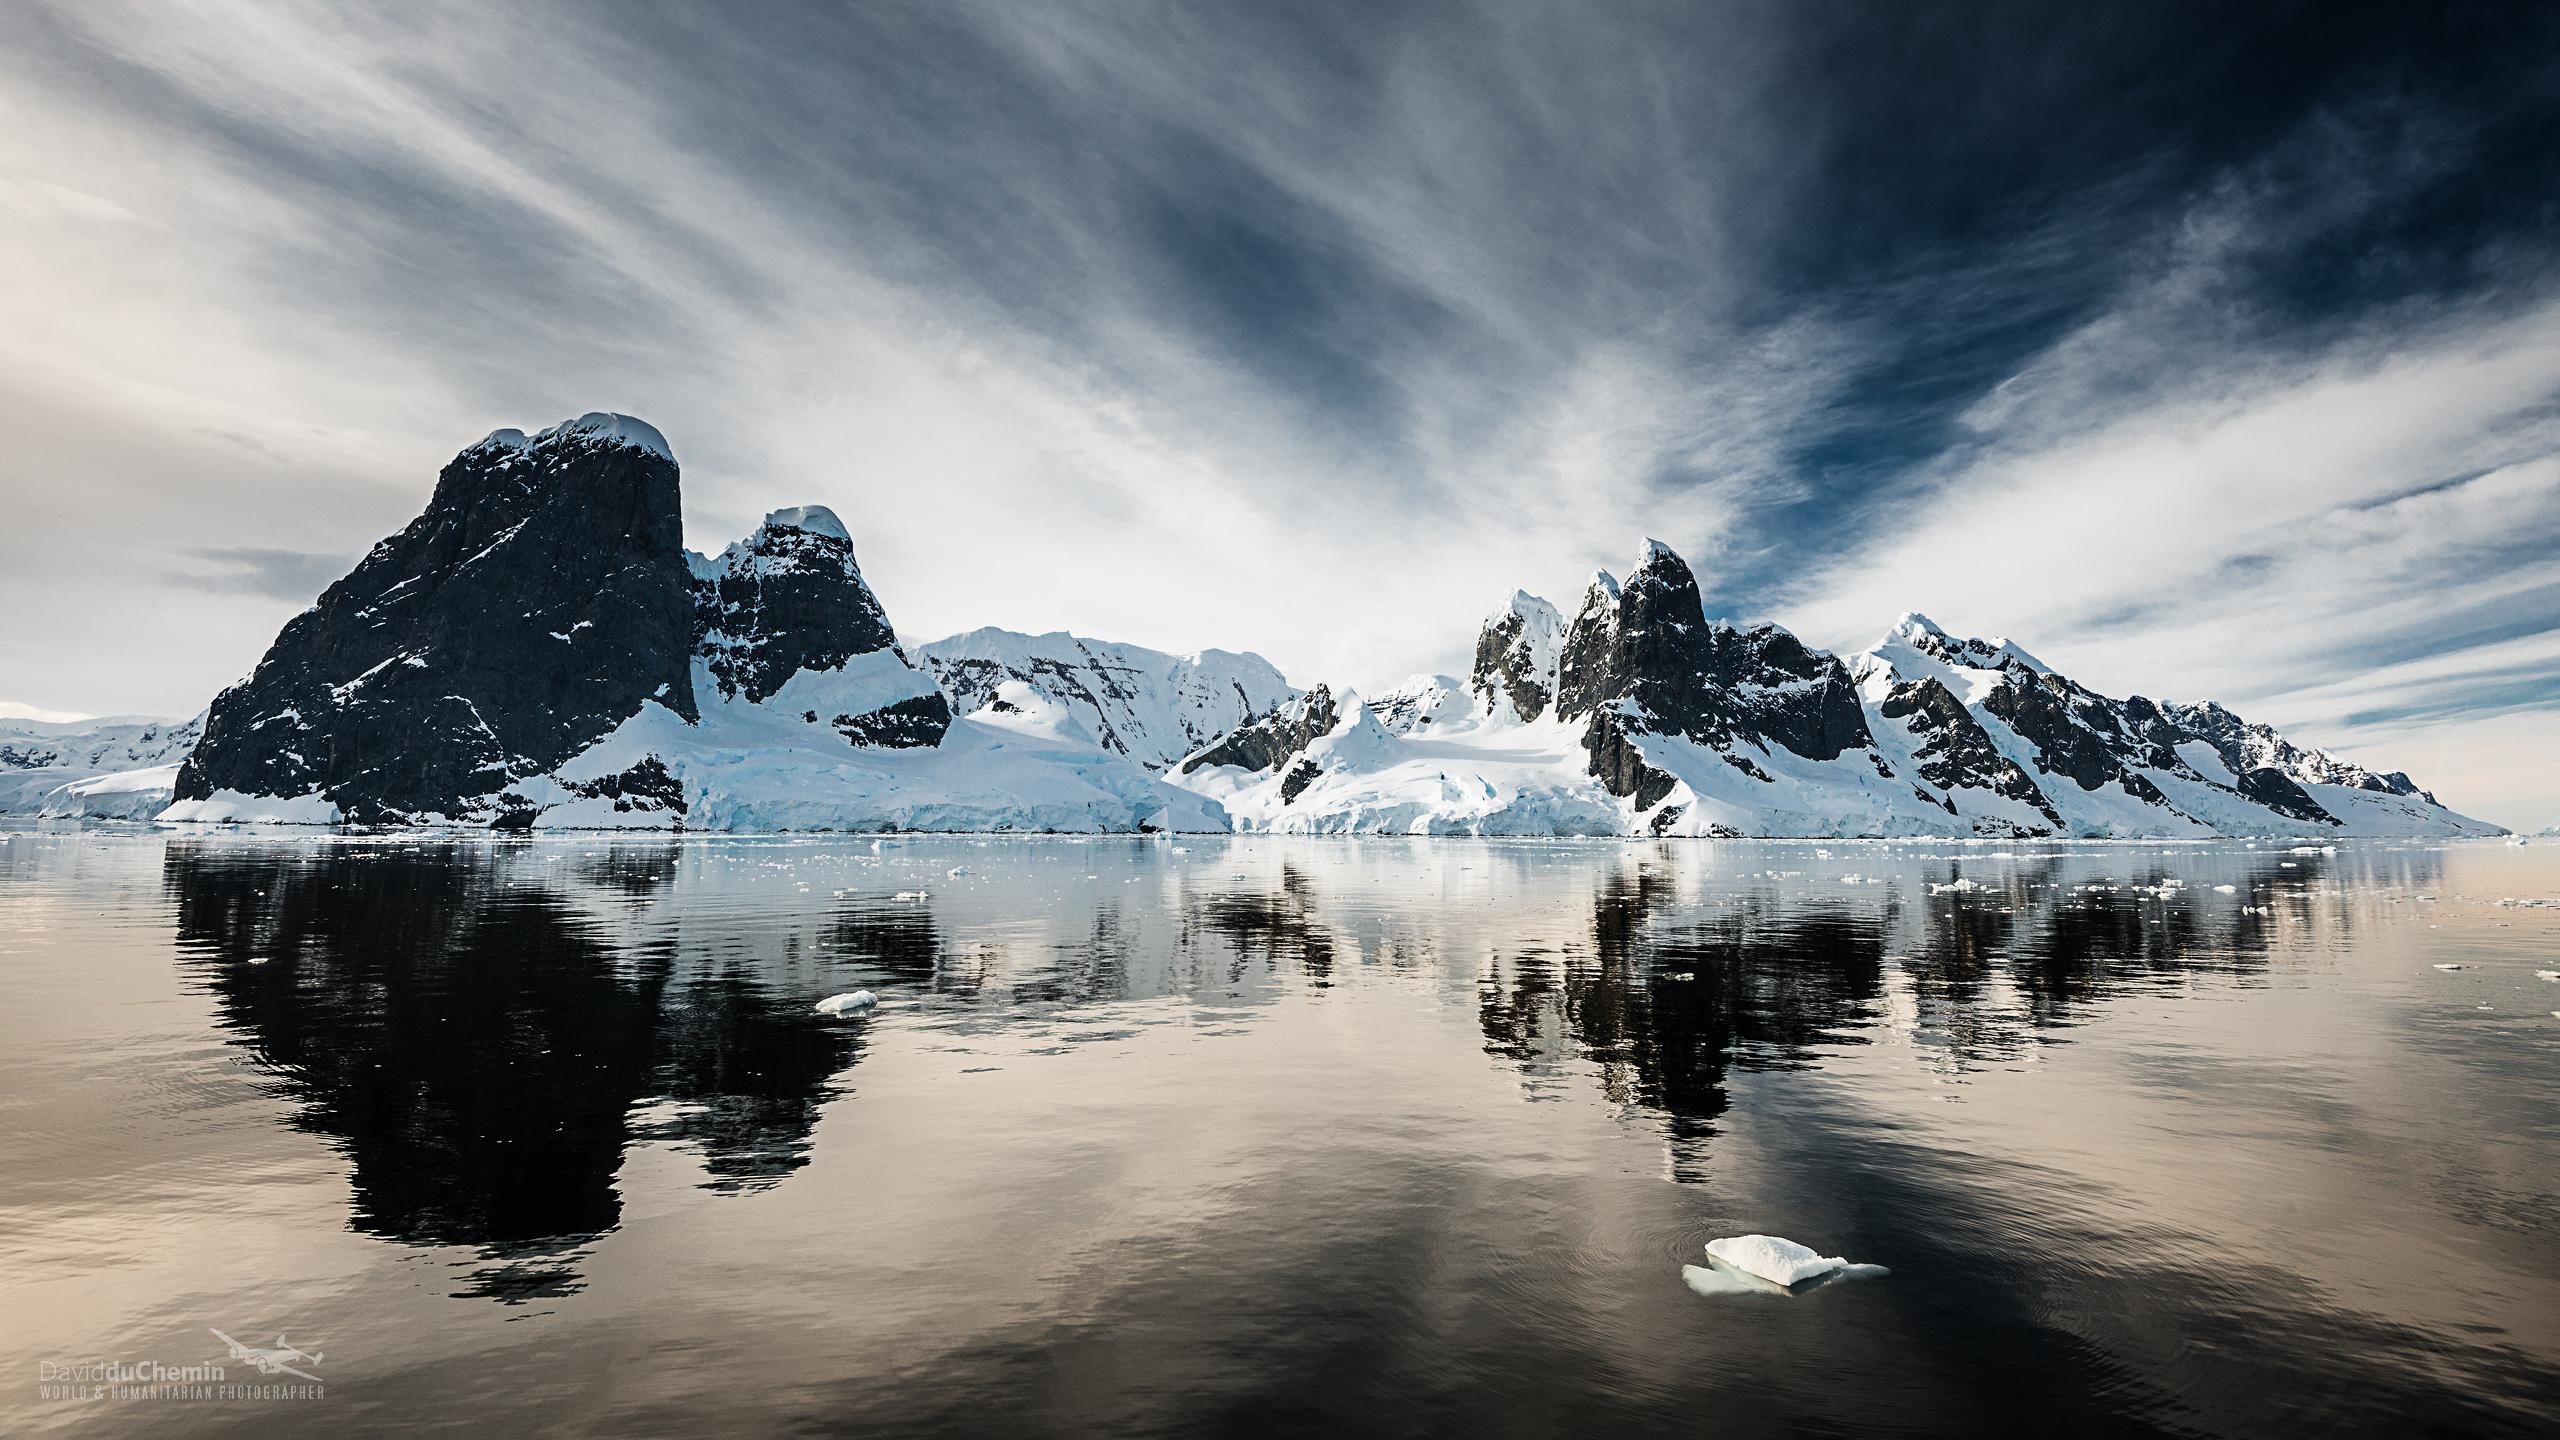 Desktop Wallpapers Antarctica 2560x1440